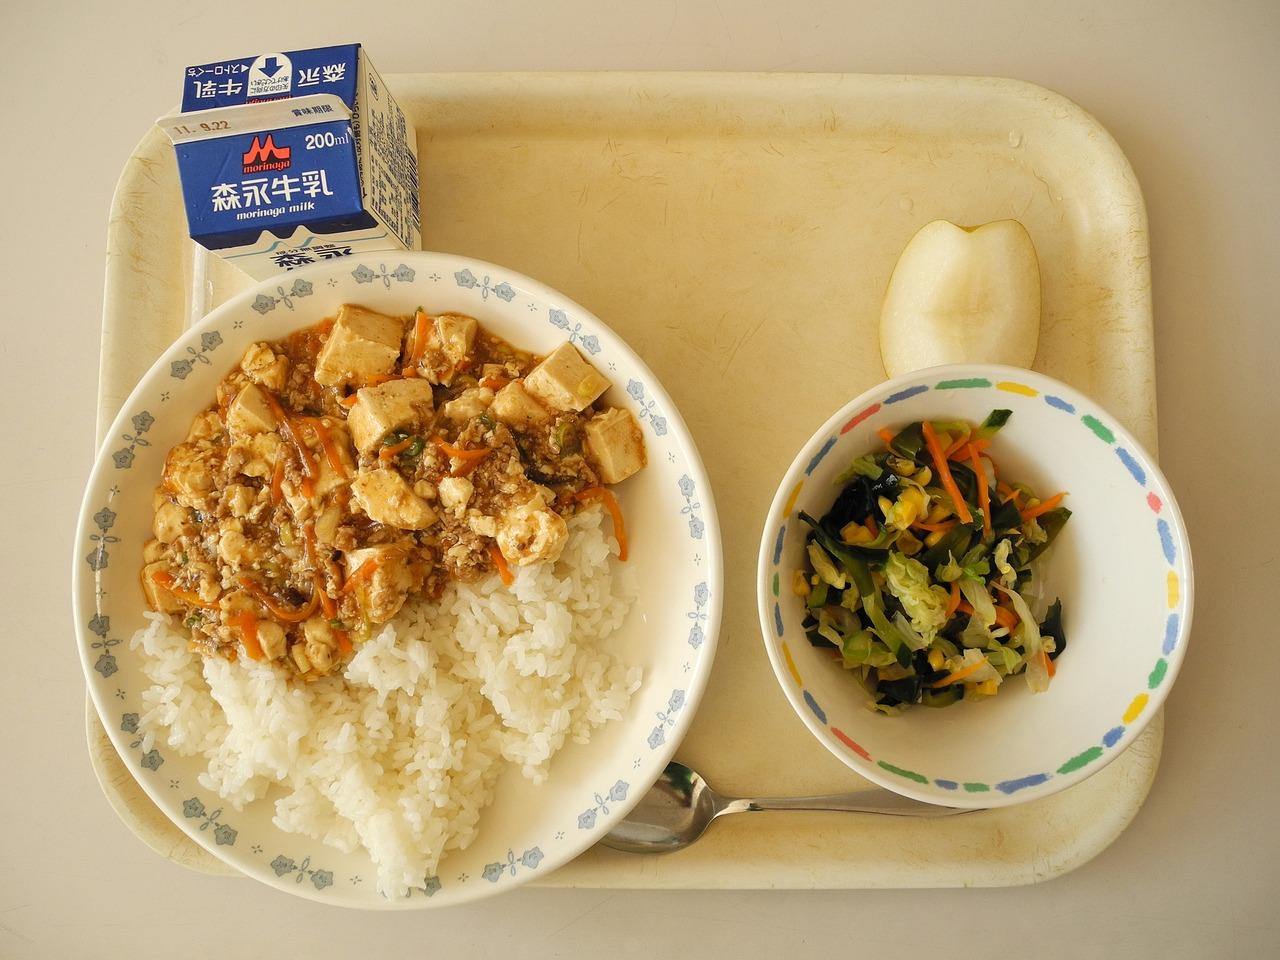 【四国地方/給食委託業務】強固な顧客基盤を持つ地域でも有数な企業